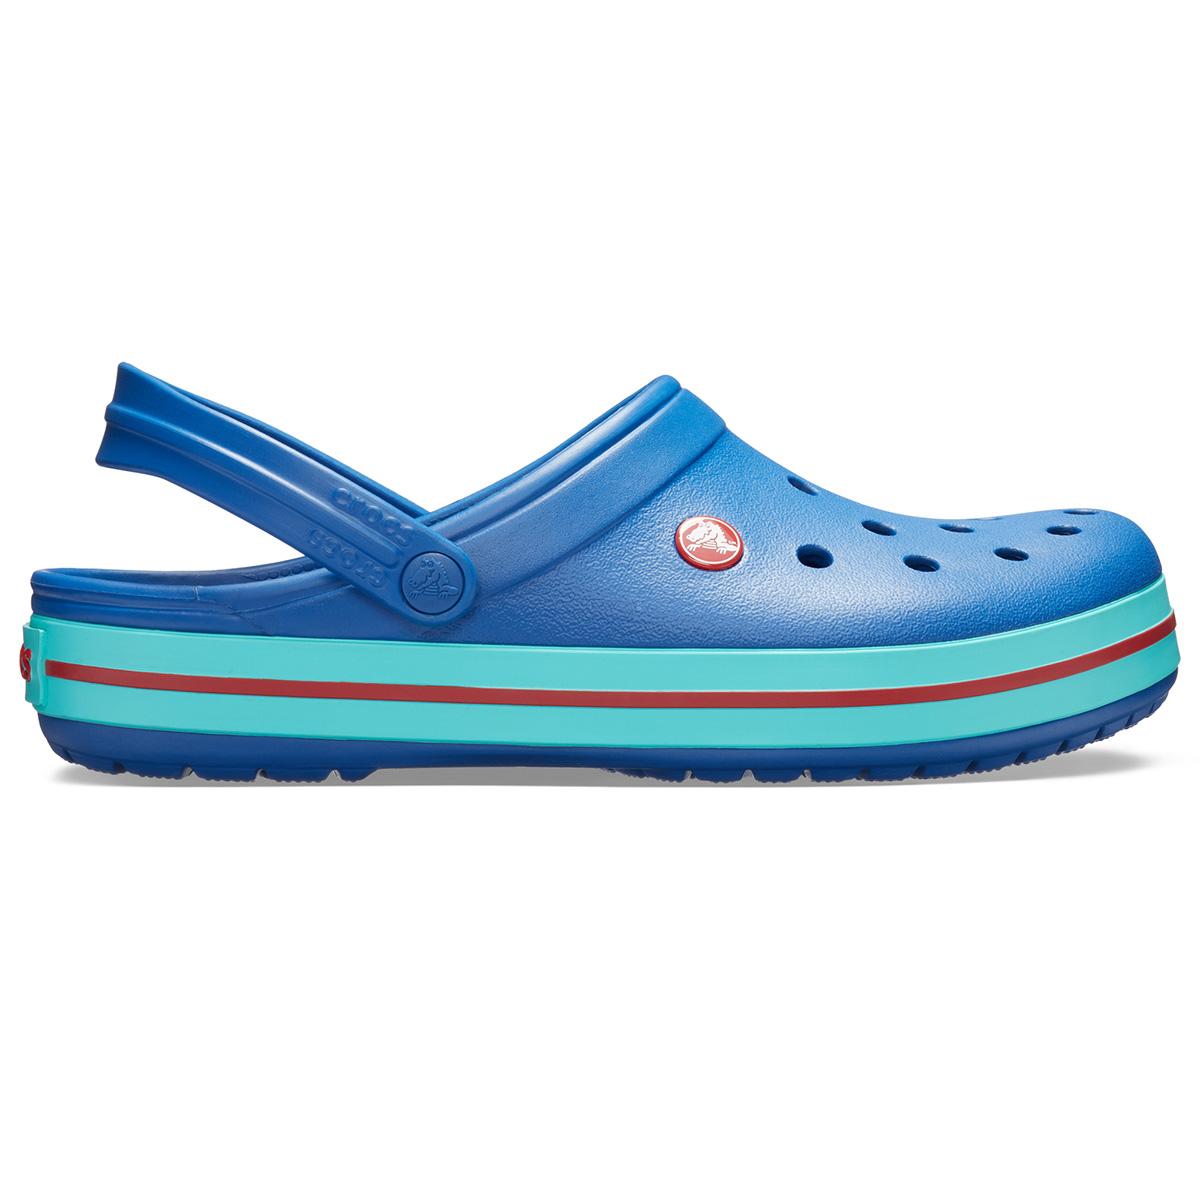 Crocs Crocband - Mavi Jean/Havuz rengi